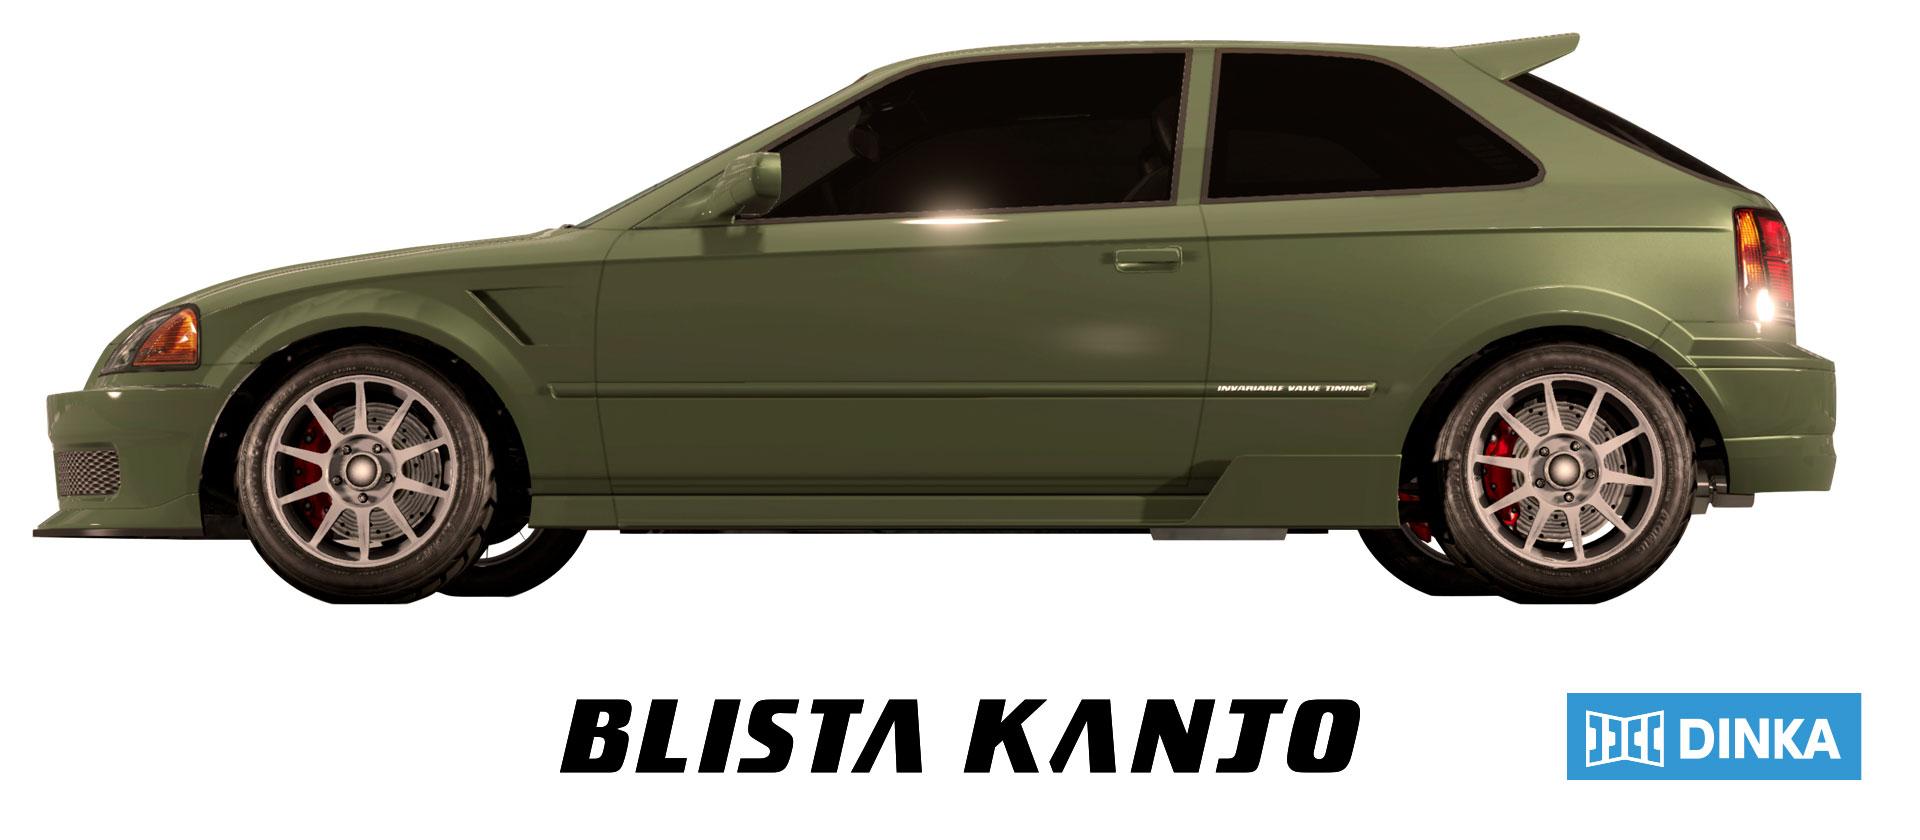 Dinka Blista Kanjo Image officielle-2 GTA Online.jpg